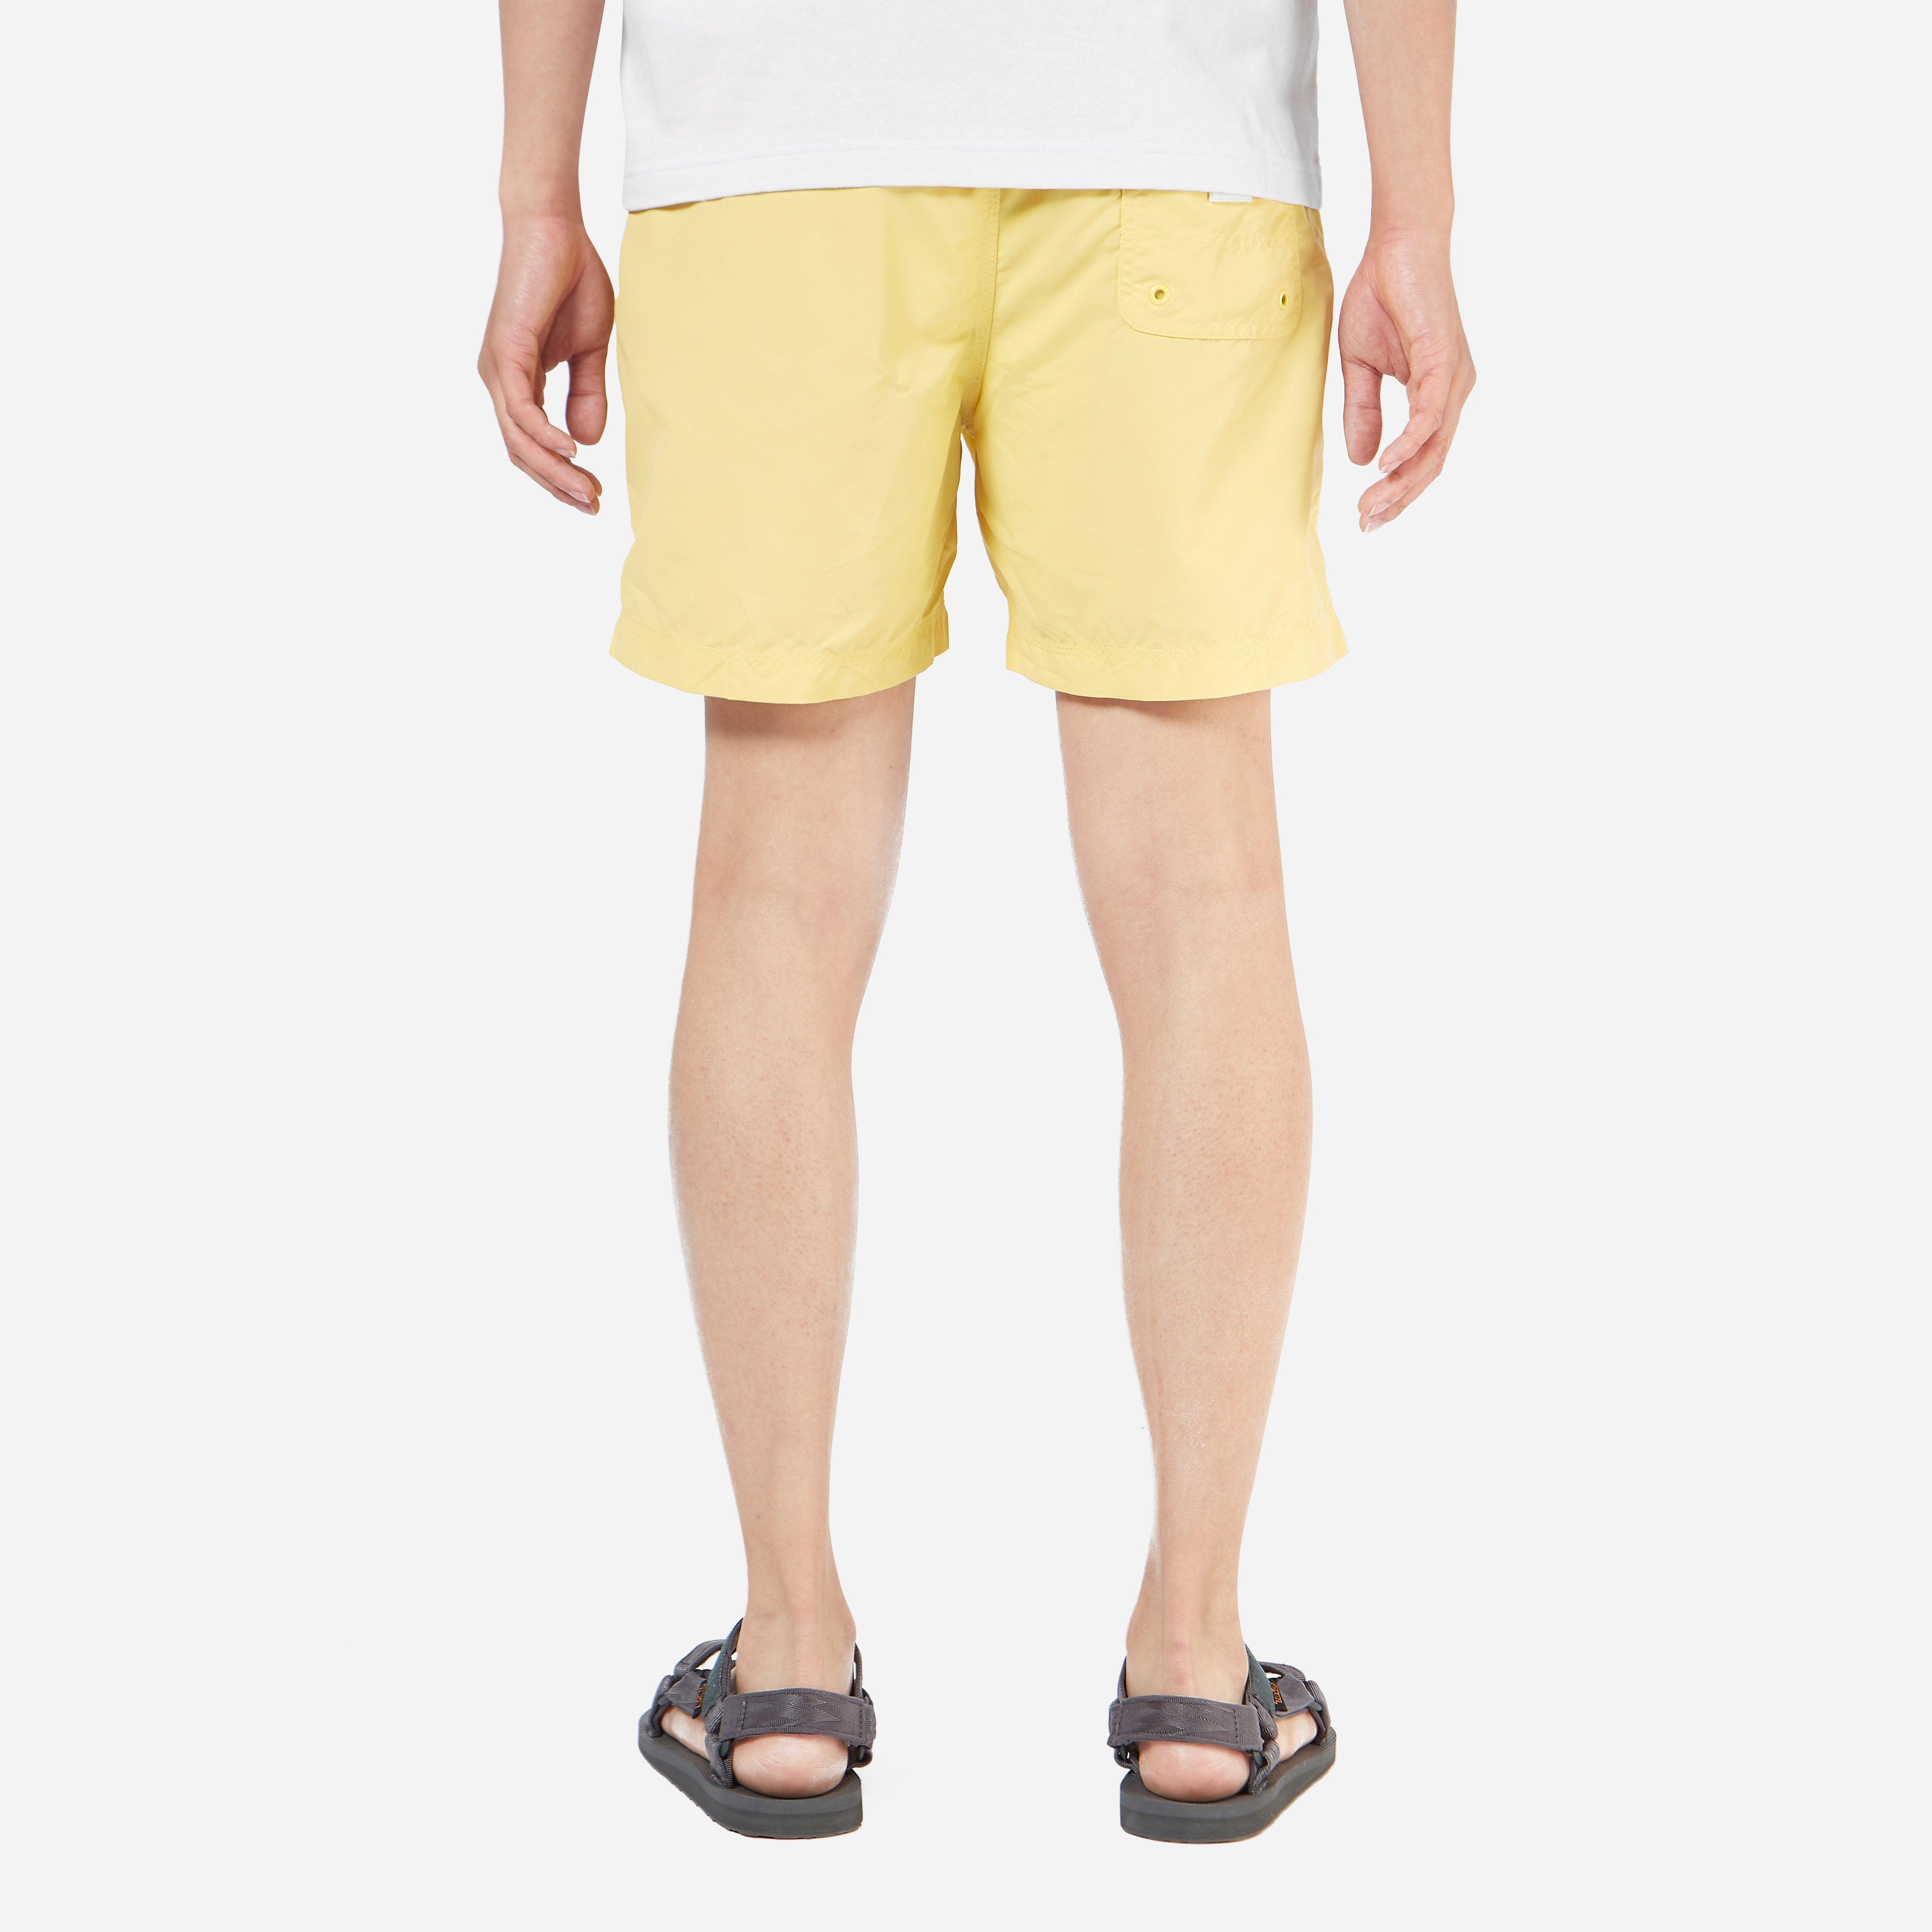 b3b4d0b679 Lyst - Carhartt WIP Drift Swim Shorts in Yellow for Men